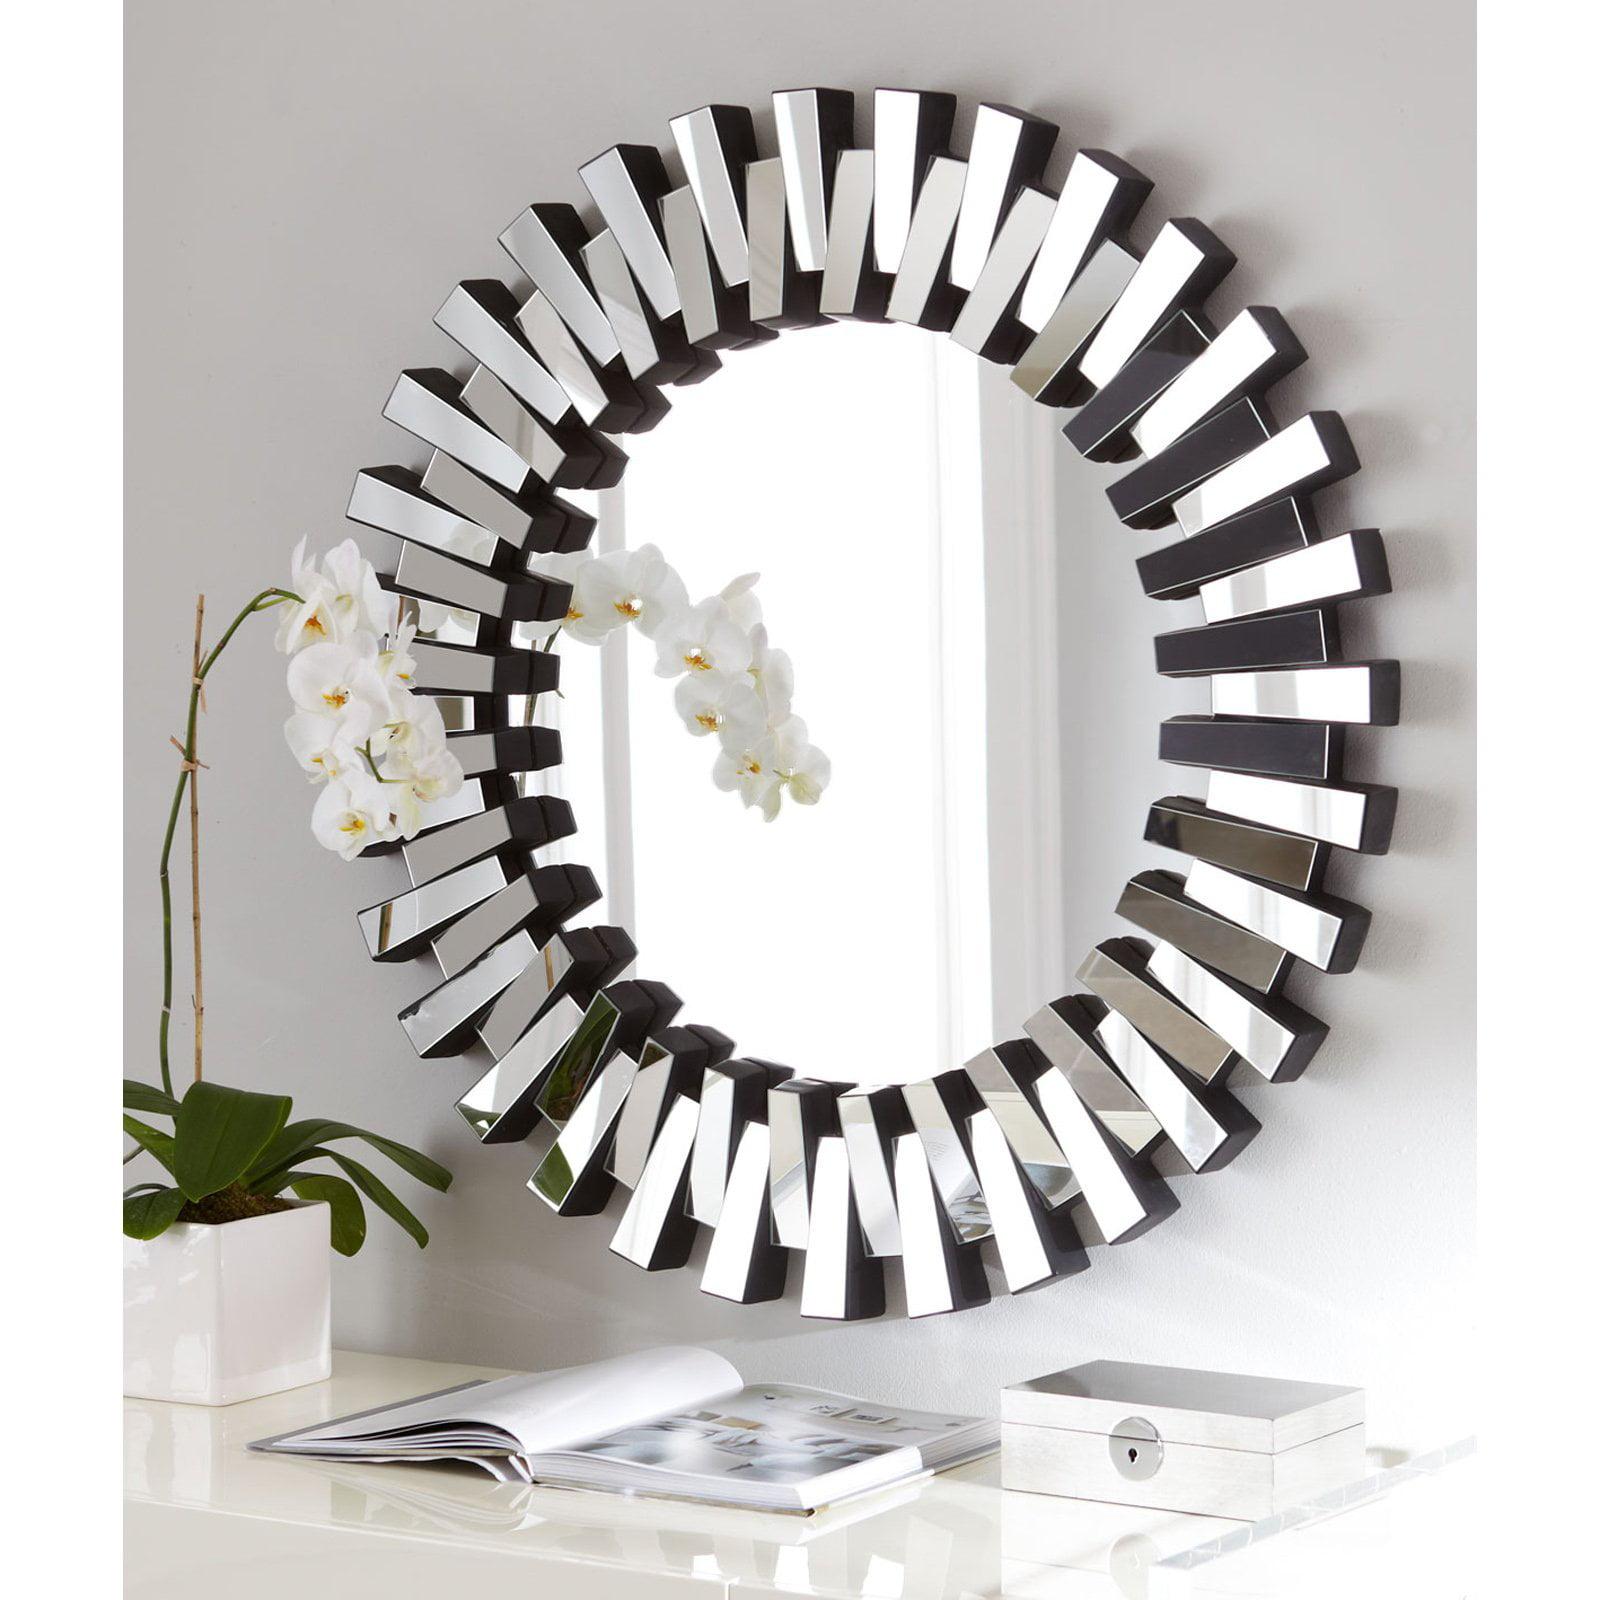 Afina Modern Luxe Round Wall Mirror - 36 in. - Walmart.com